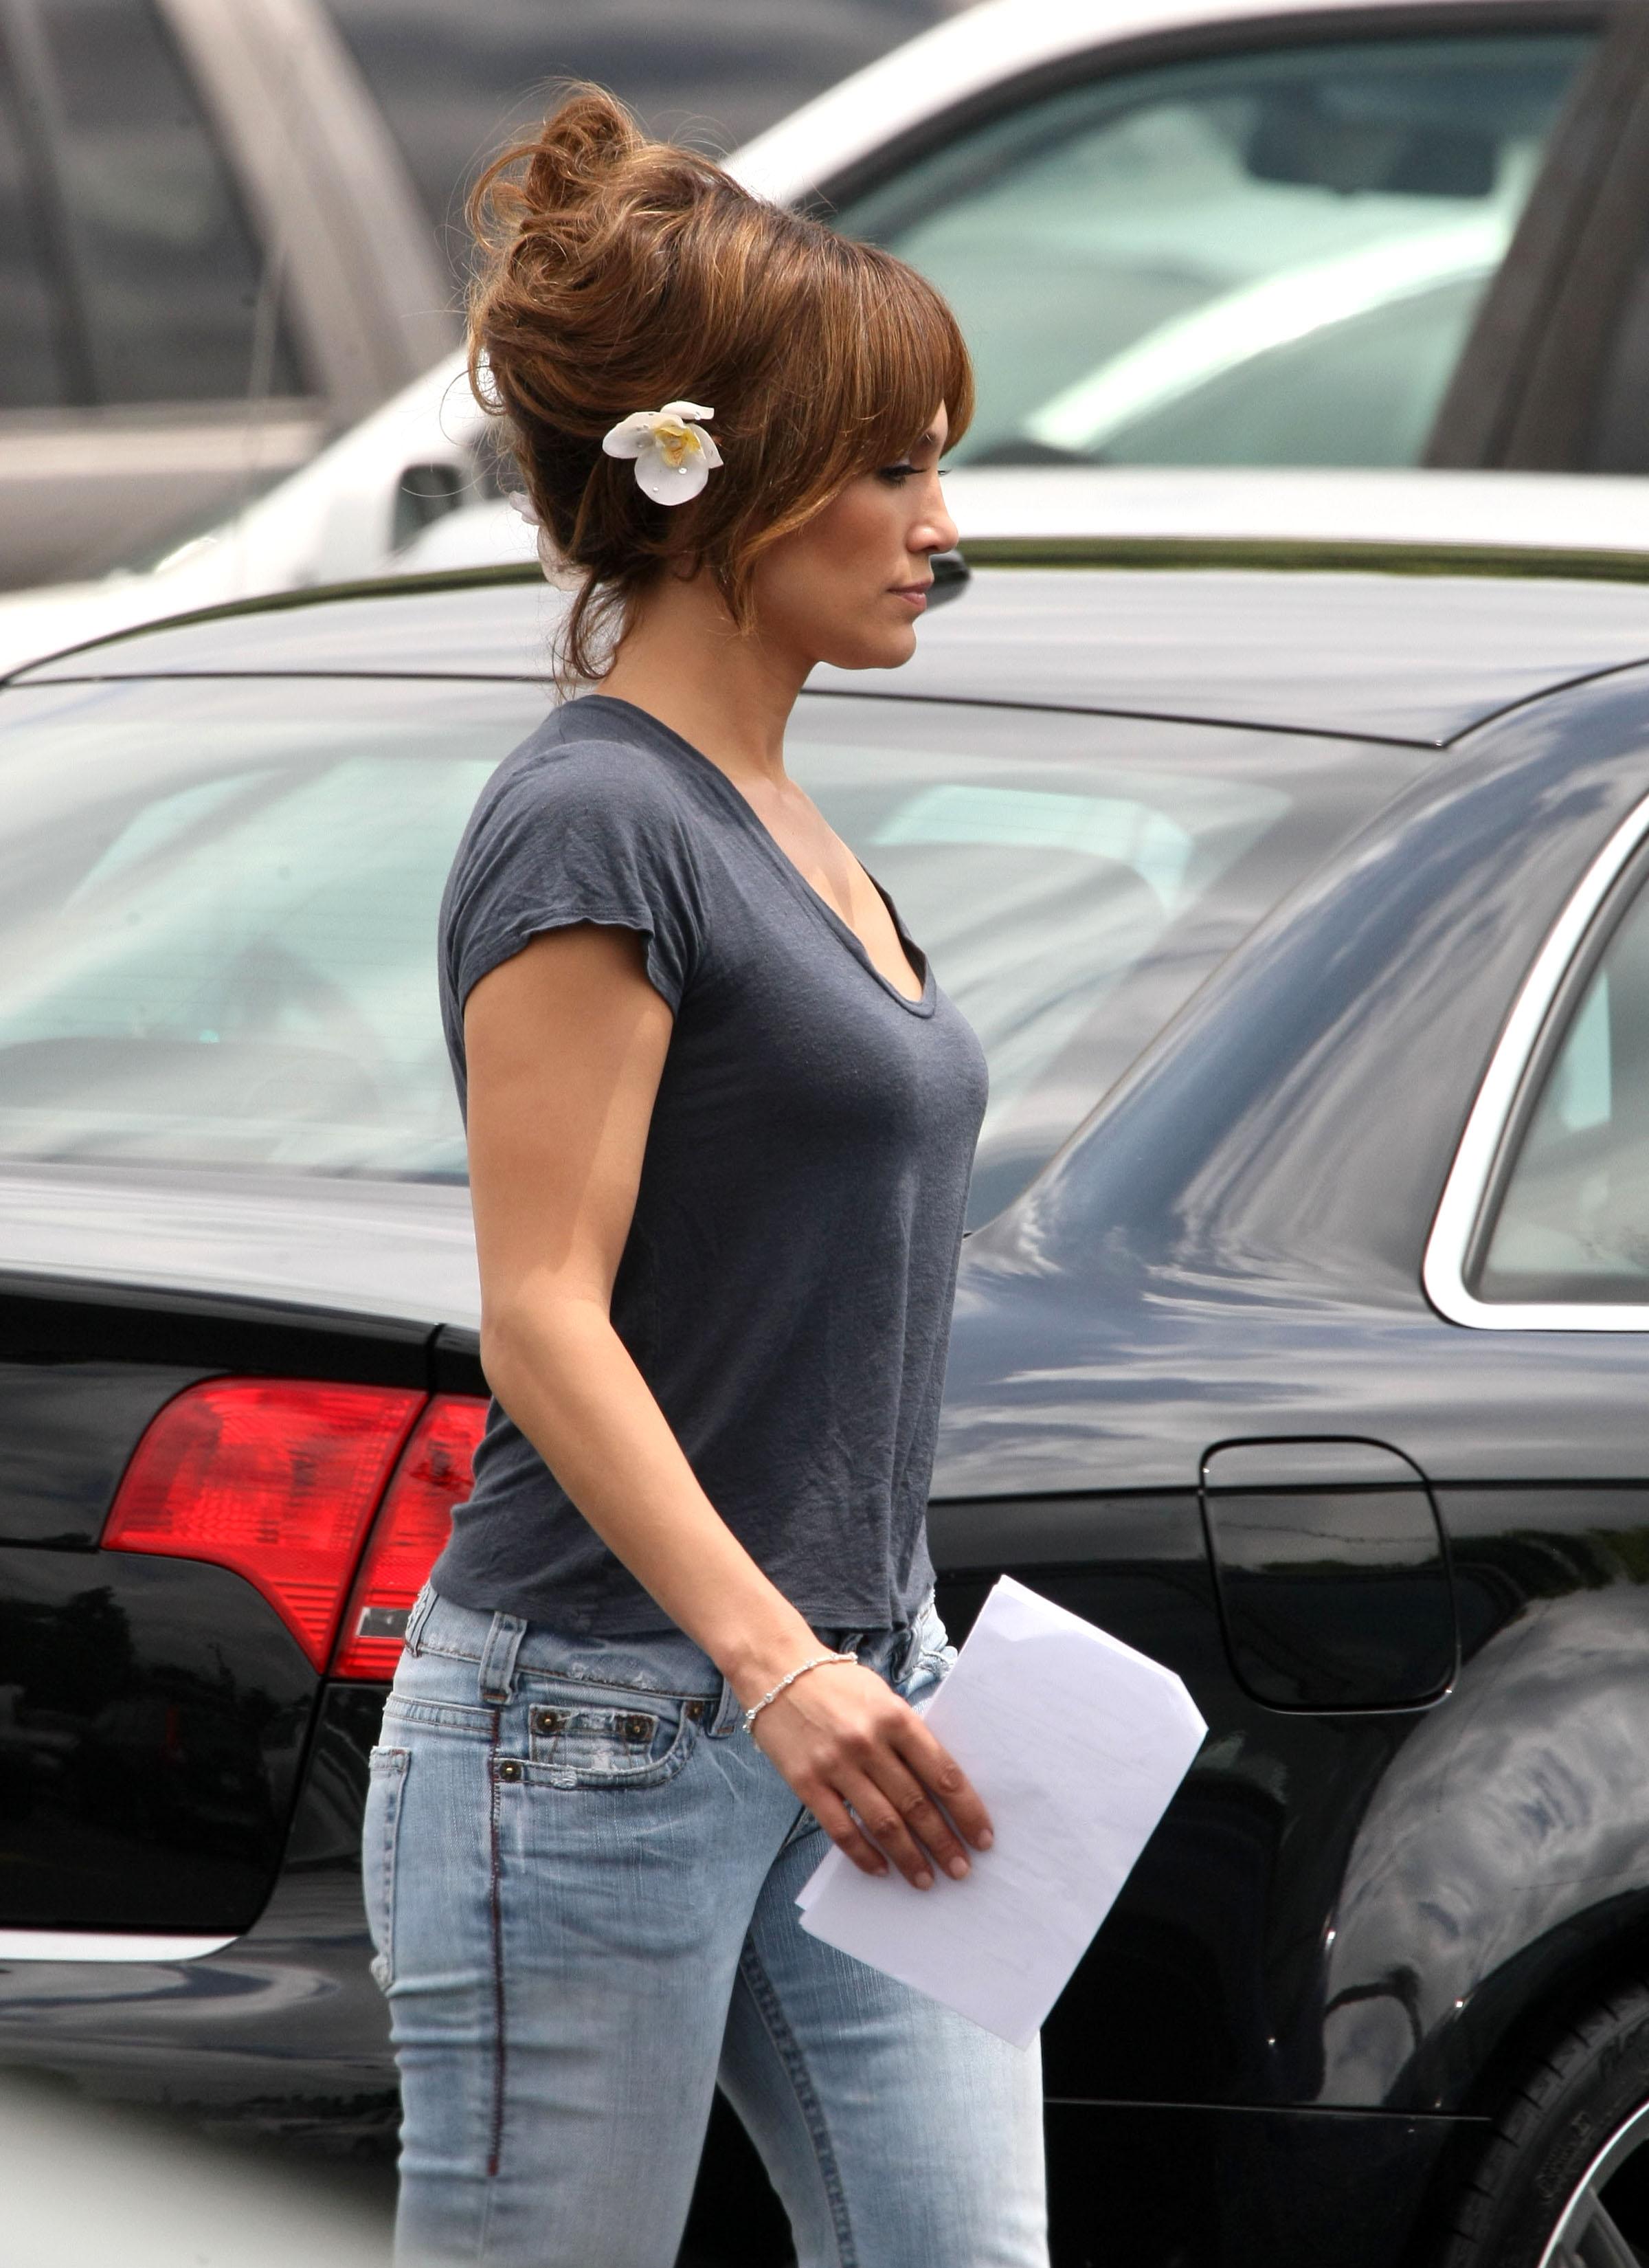 36040_Preppie_-_Jennifer_Lopez_on_The_Backup_Plan_set_in_Los_Angeles_-_June_15_2009_2101_122_150lo.jpg